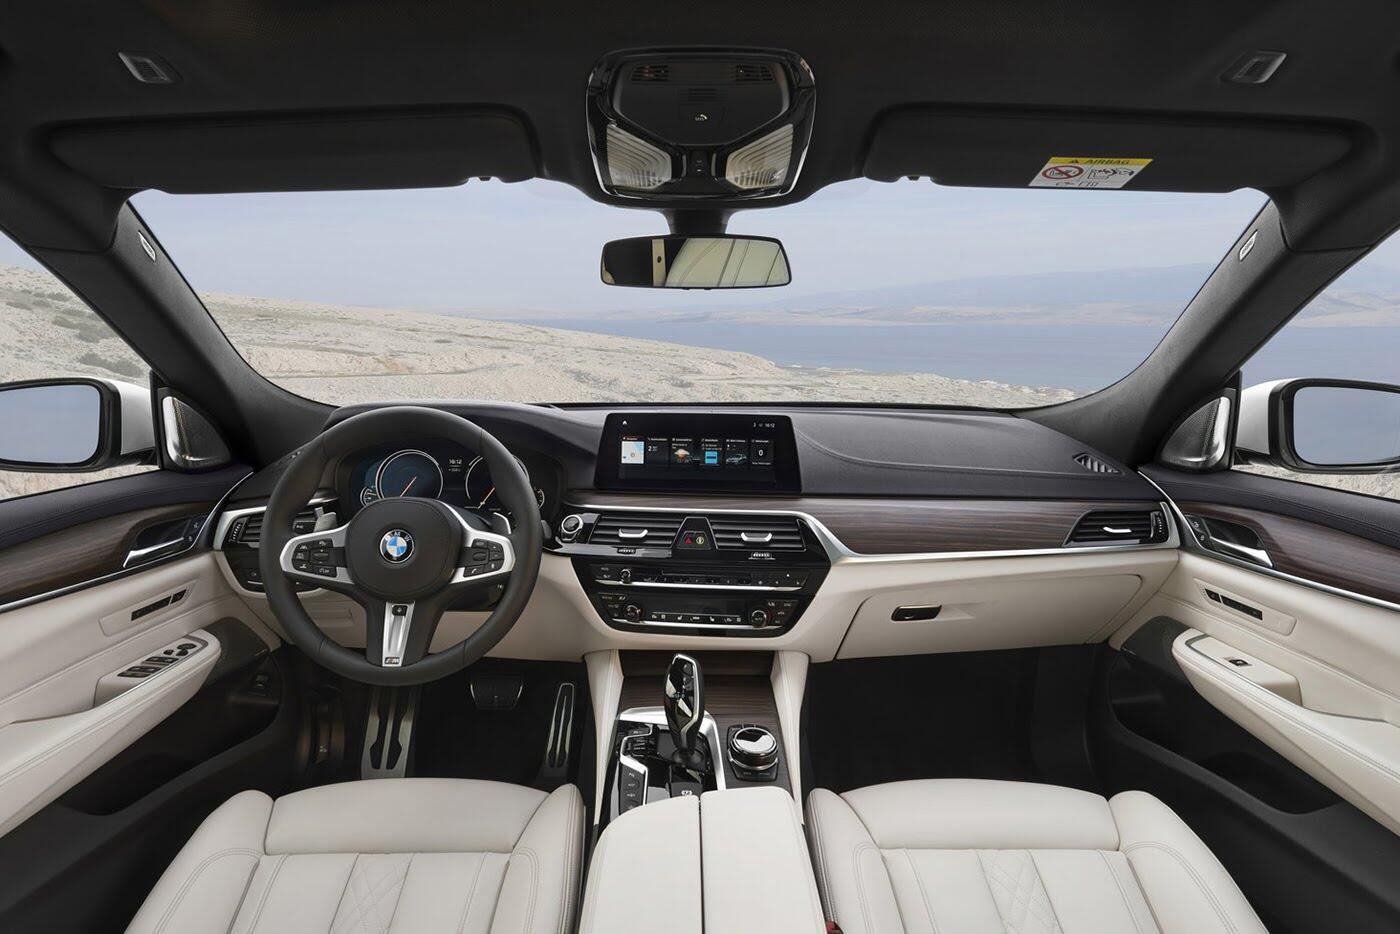 Xem thêm ảnh BMW 6-Series Gran Turismo 2018 - Hình 13